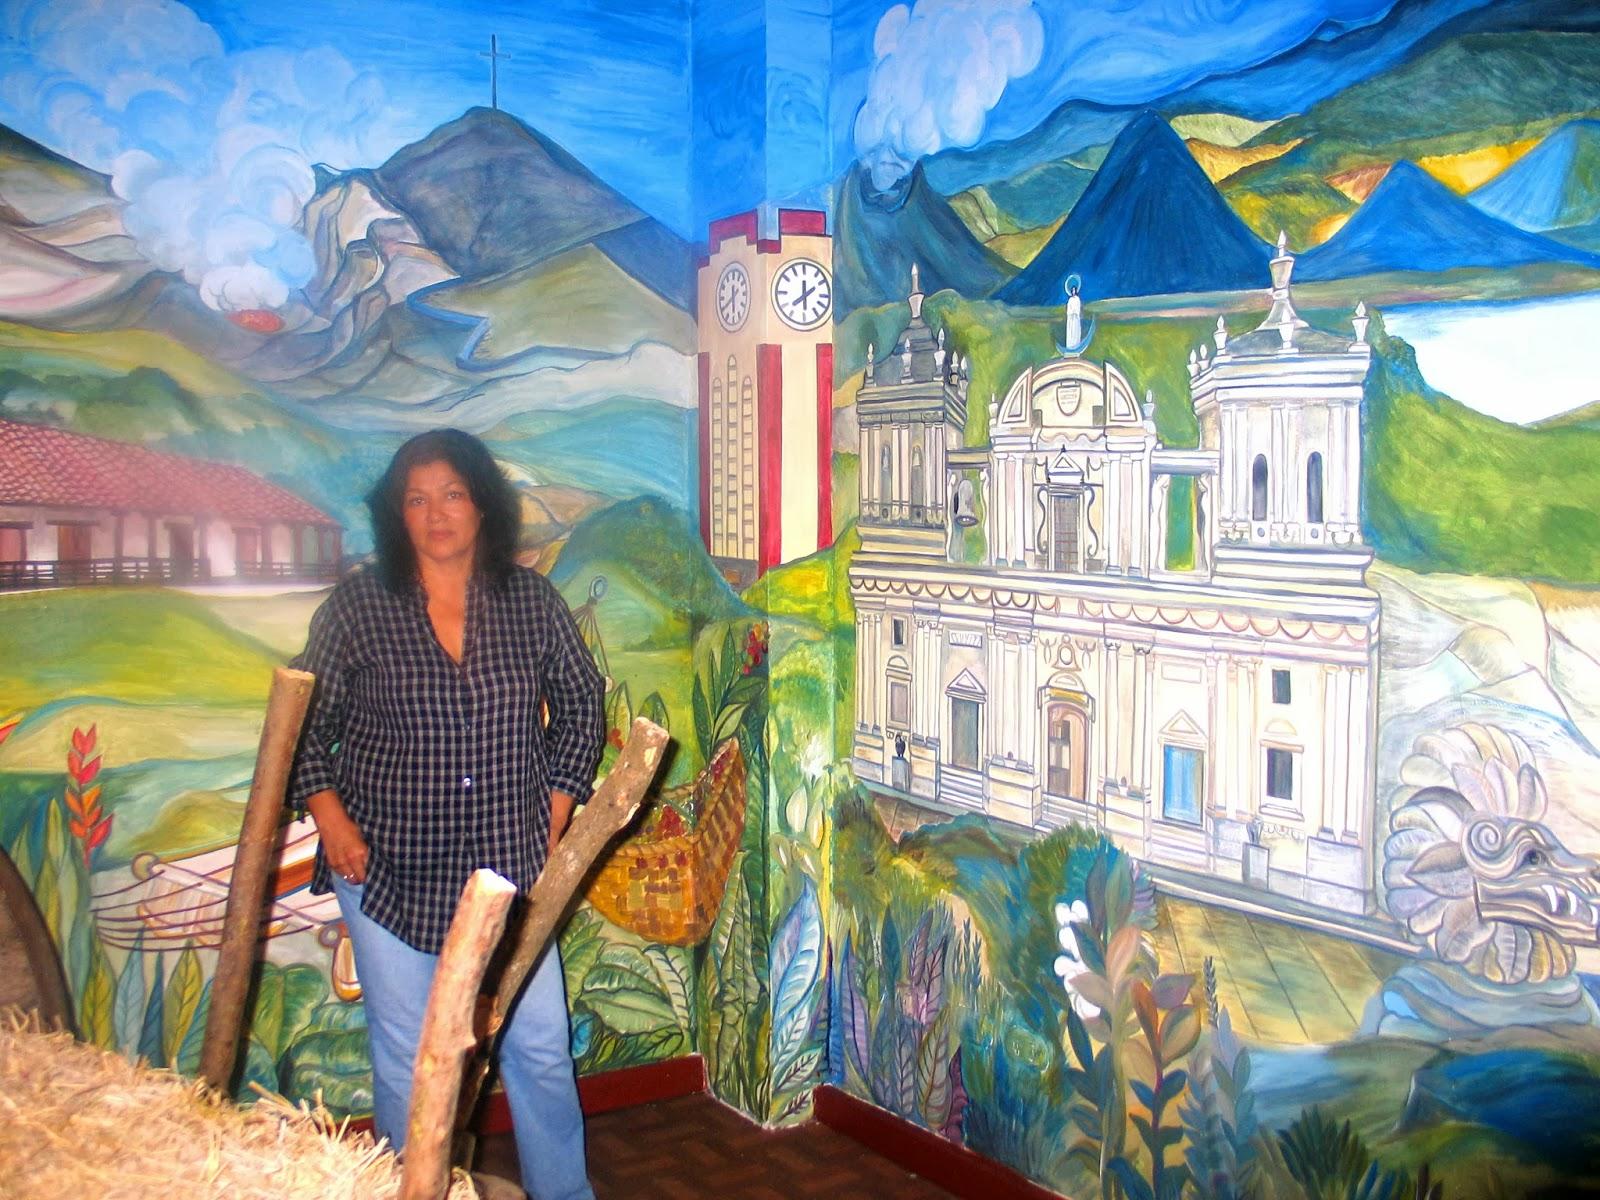 Alas a mis pinturas cony gomez noviembre 2013 for Mural nicaraguense